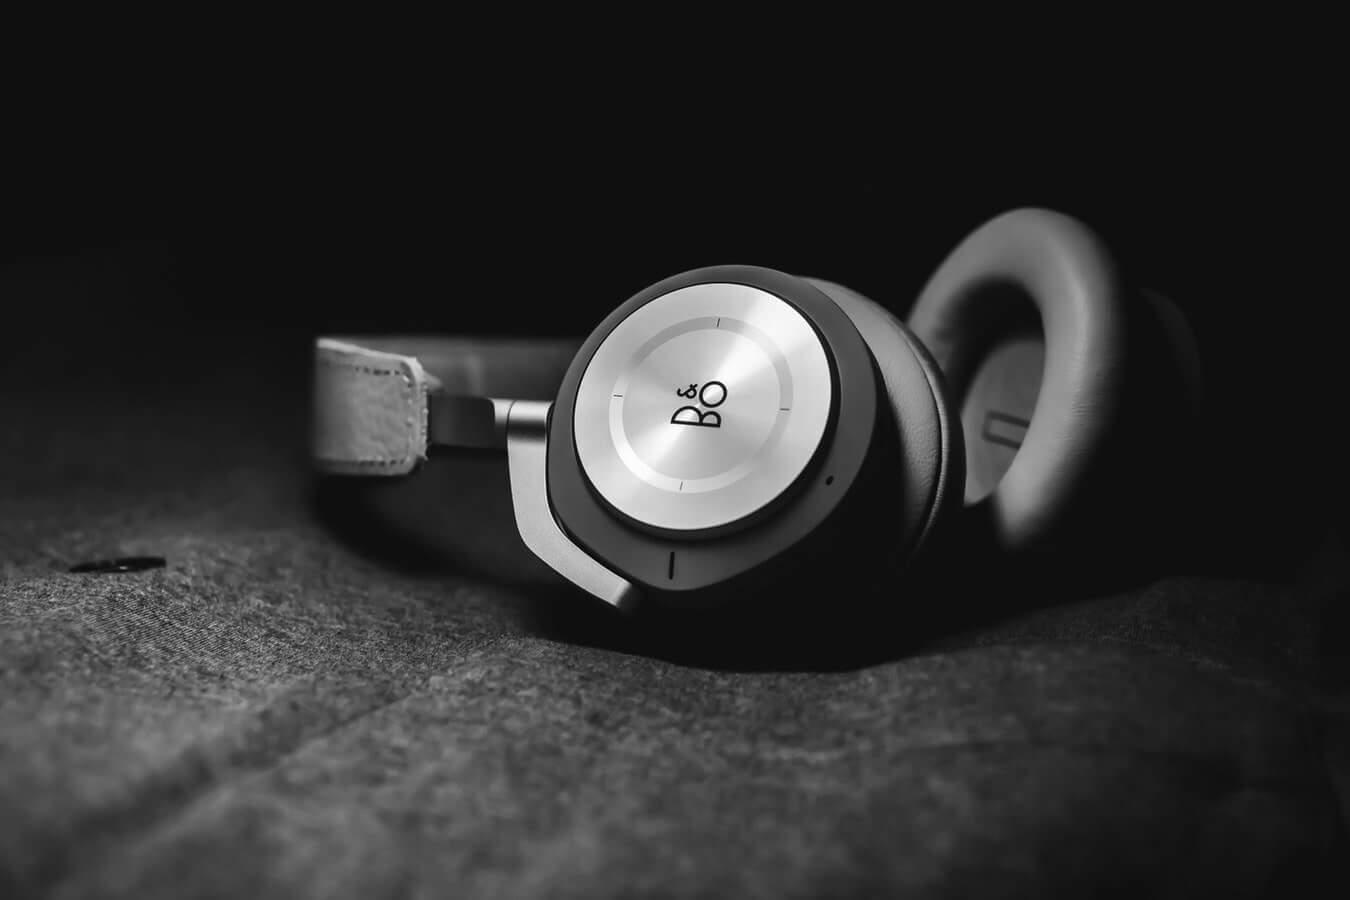 【3分で出来る】Headphones Connectの設定方法【画像有】